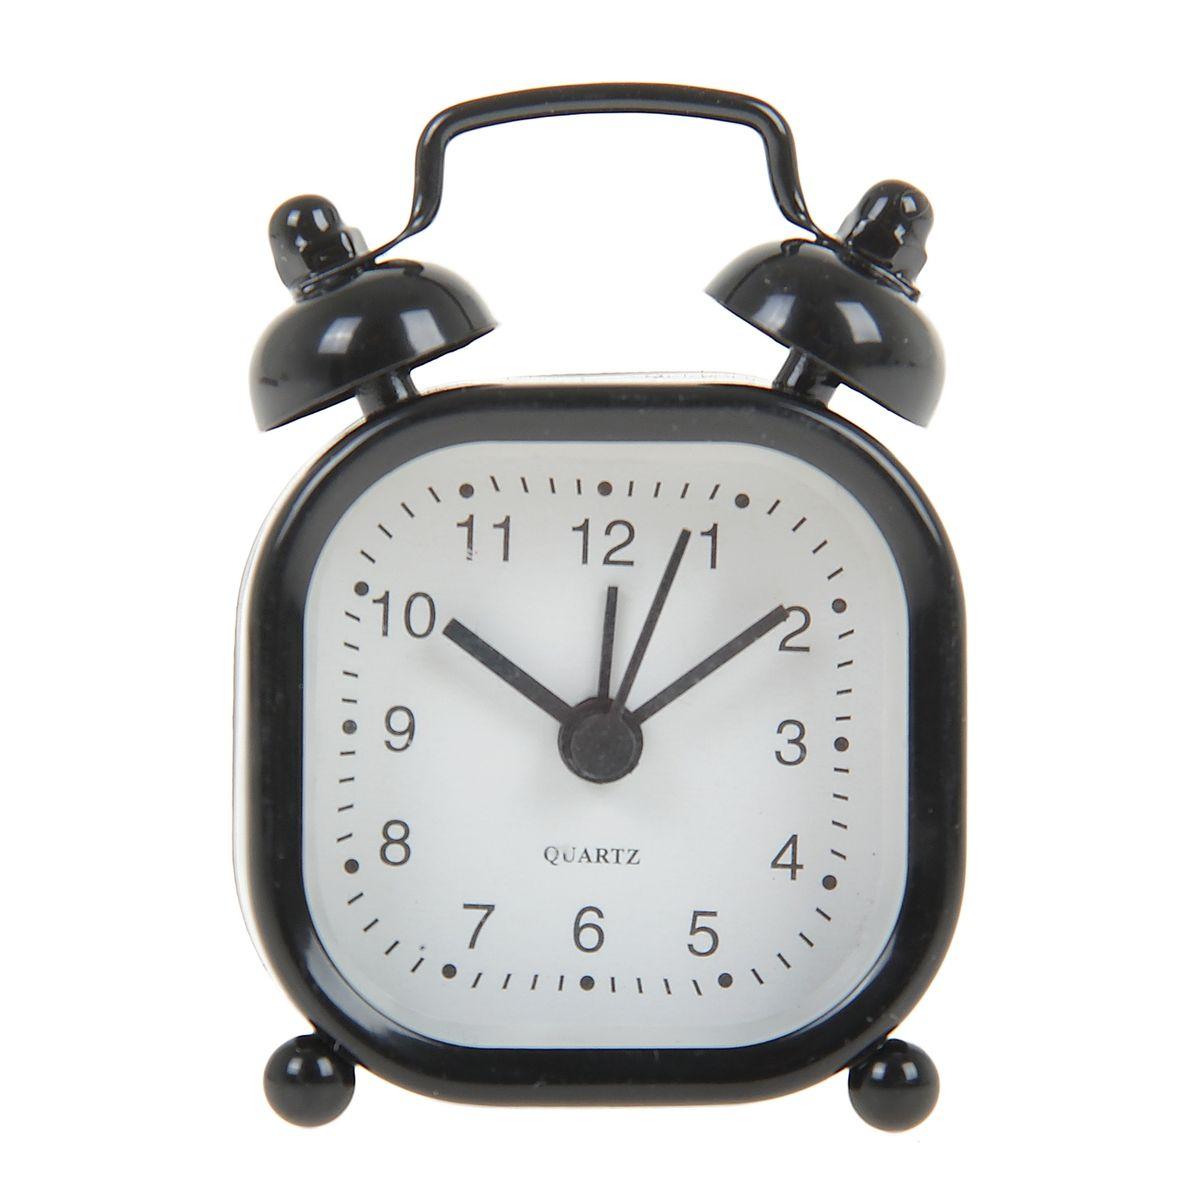 Часы-будильник Sima-land, цвет: черный. 840950840950Как же сложно иногда вставать вовремя! Всегда так хочется поспать еще хотя бы 5 минут и бывает, что мы просыпаем. Теперь этого не случится! Яркий, оригинальный будильник Sima-land поможет вам всегда вставать в нужное время и успевать везде и всюду. Будильник украсит вашу комнату и приведет в восхищение друзей. Эта уменьшенная версия привычного будильника умещается на ладони и работает так же громко, как и привычные аналоги. Время показывает точно и будит в установленный час.На задней панели будильника расположены переключатель включения/выключения механизма, а также два колесика для настройки текущего времени и времени звонка будильника.Будильник работает от 1 батарейки типа LR44 (входит в комплект).